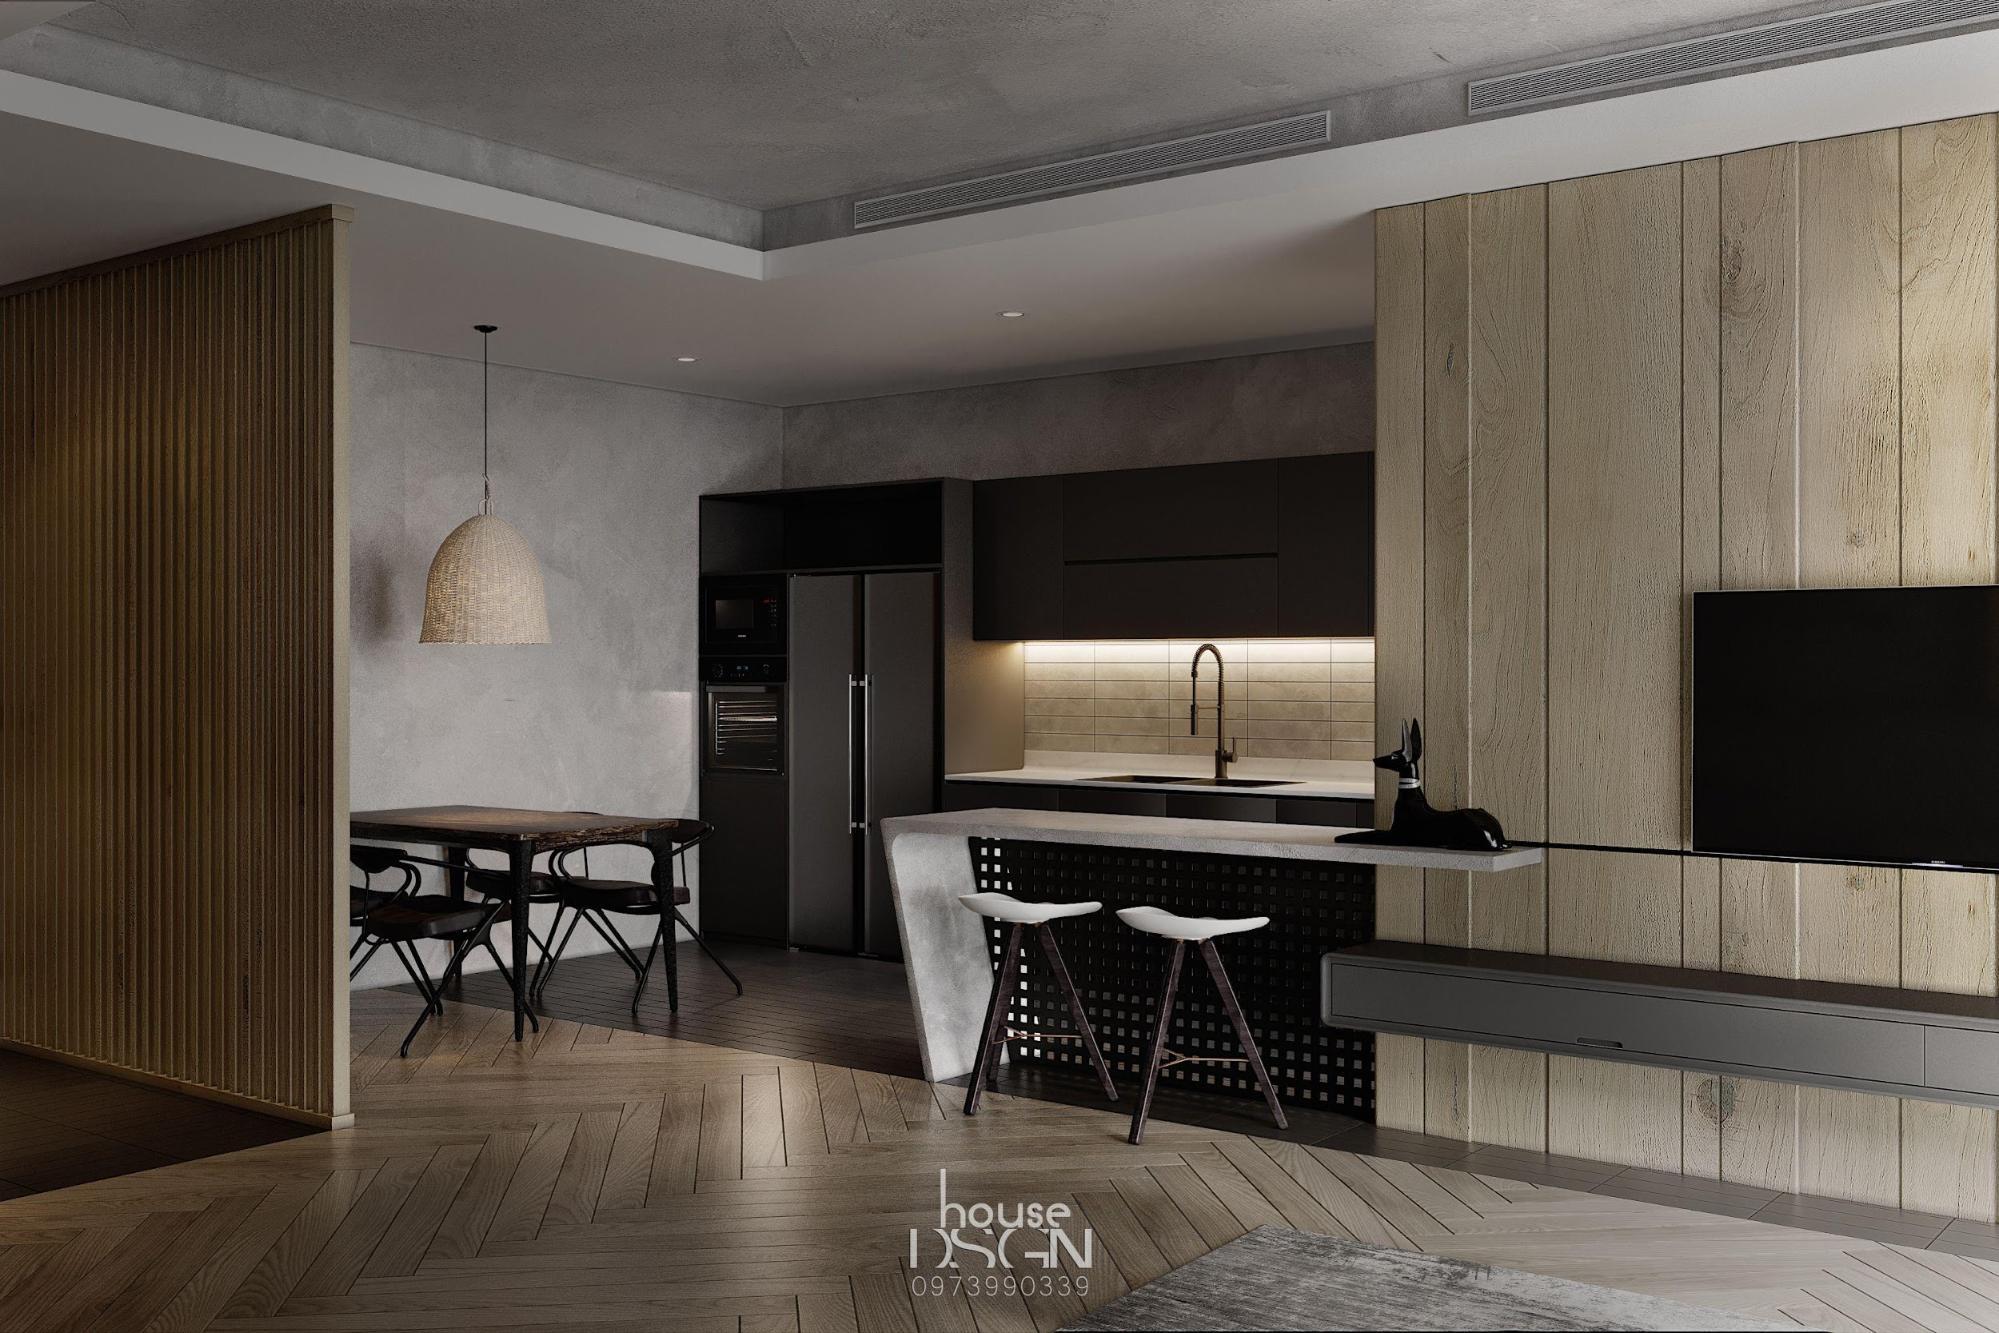 phòng ăn với phong cách nội thất tối giản